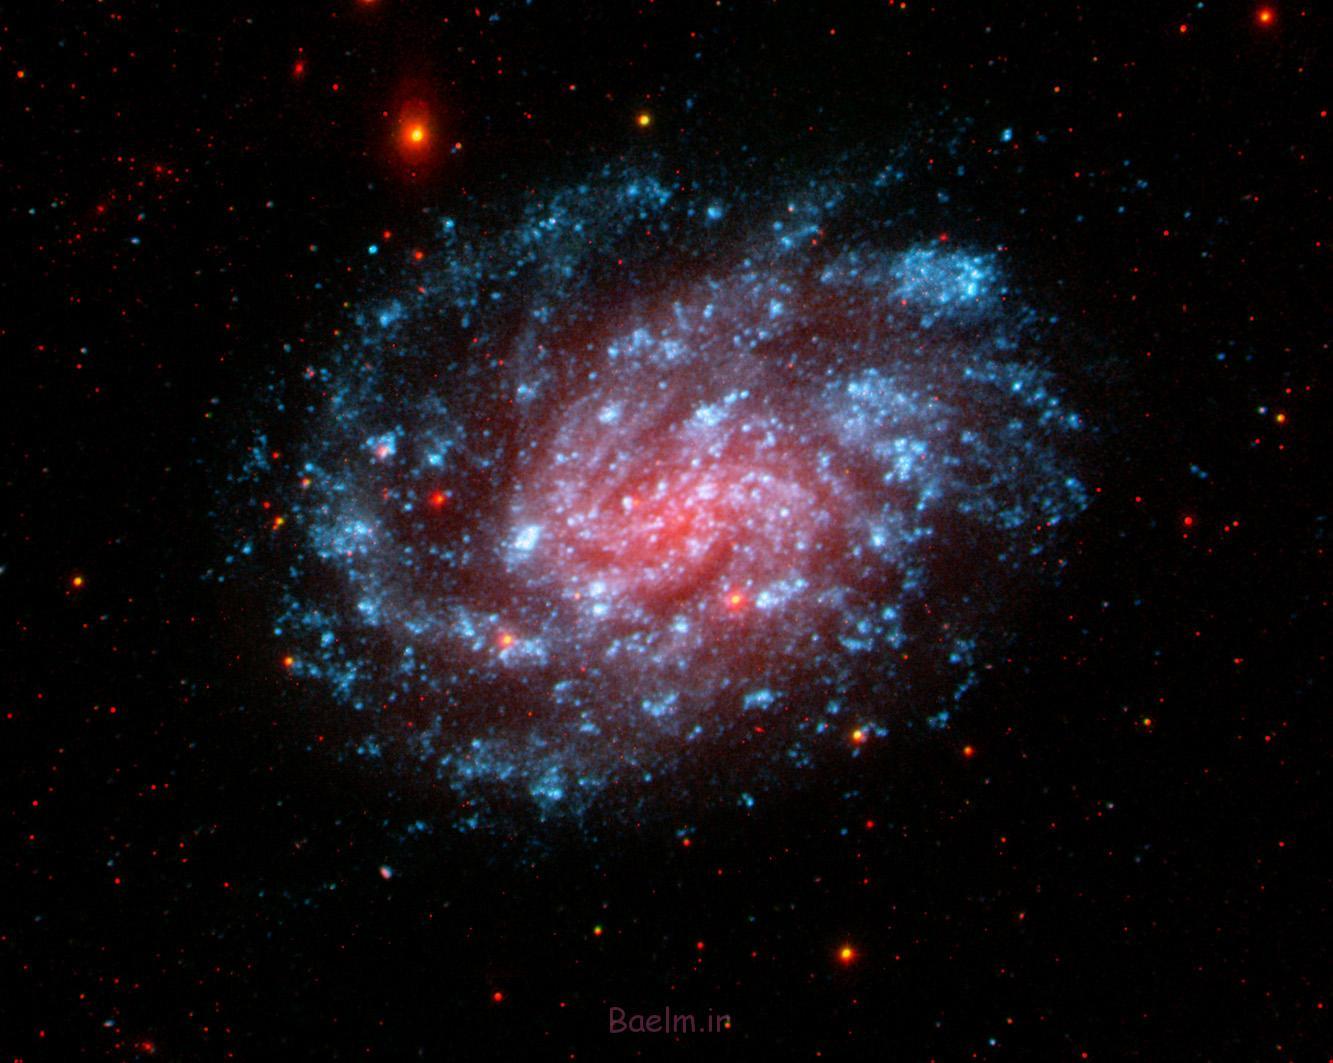 چرا کهکشانها و سیارات در جهان هستی میچرخند ؟